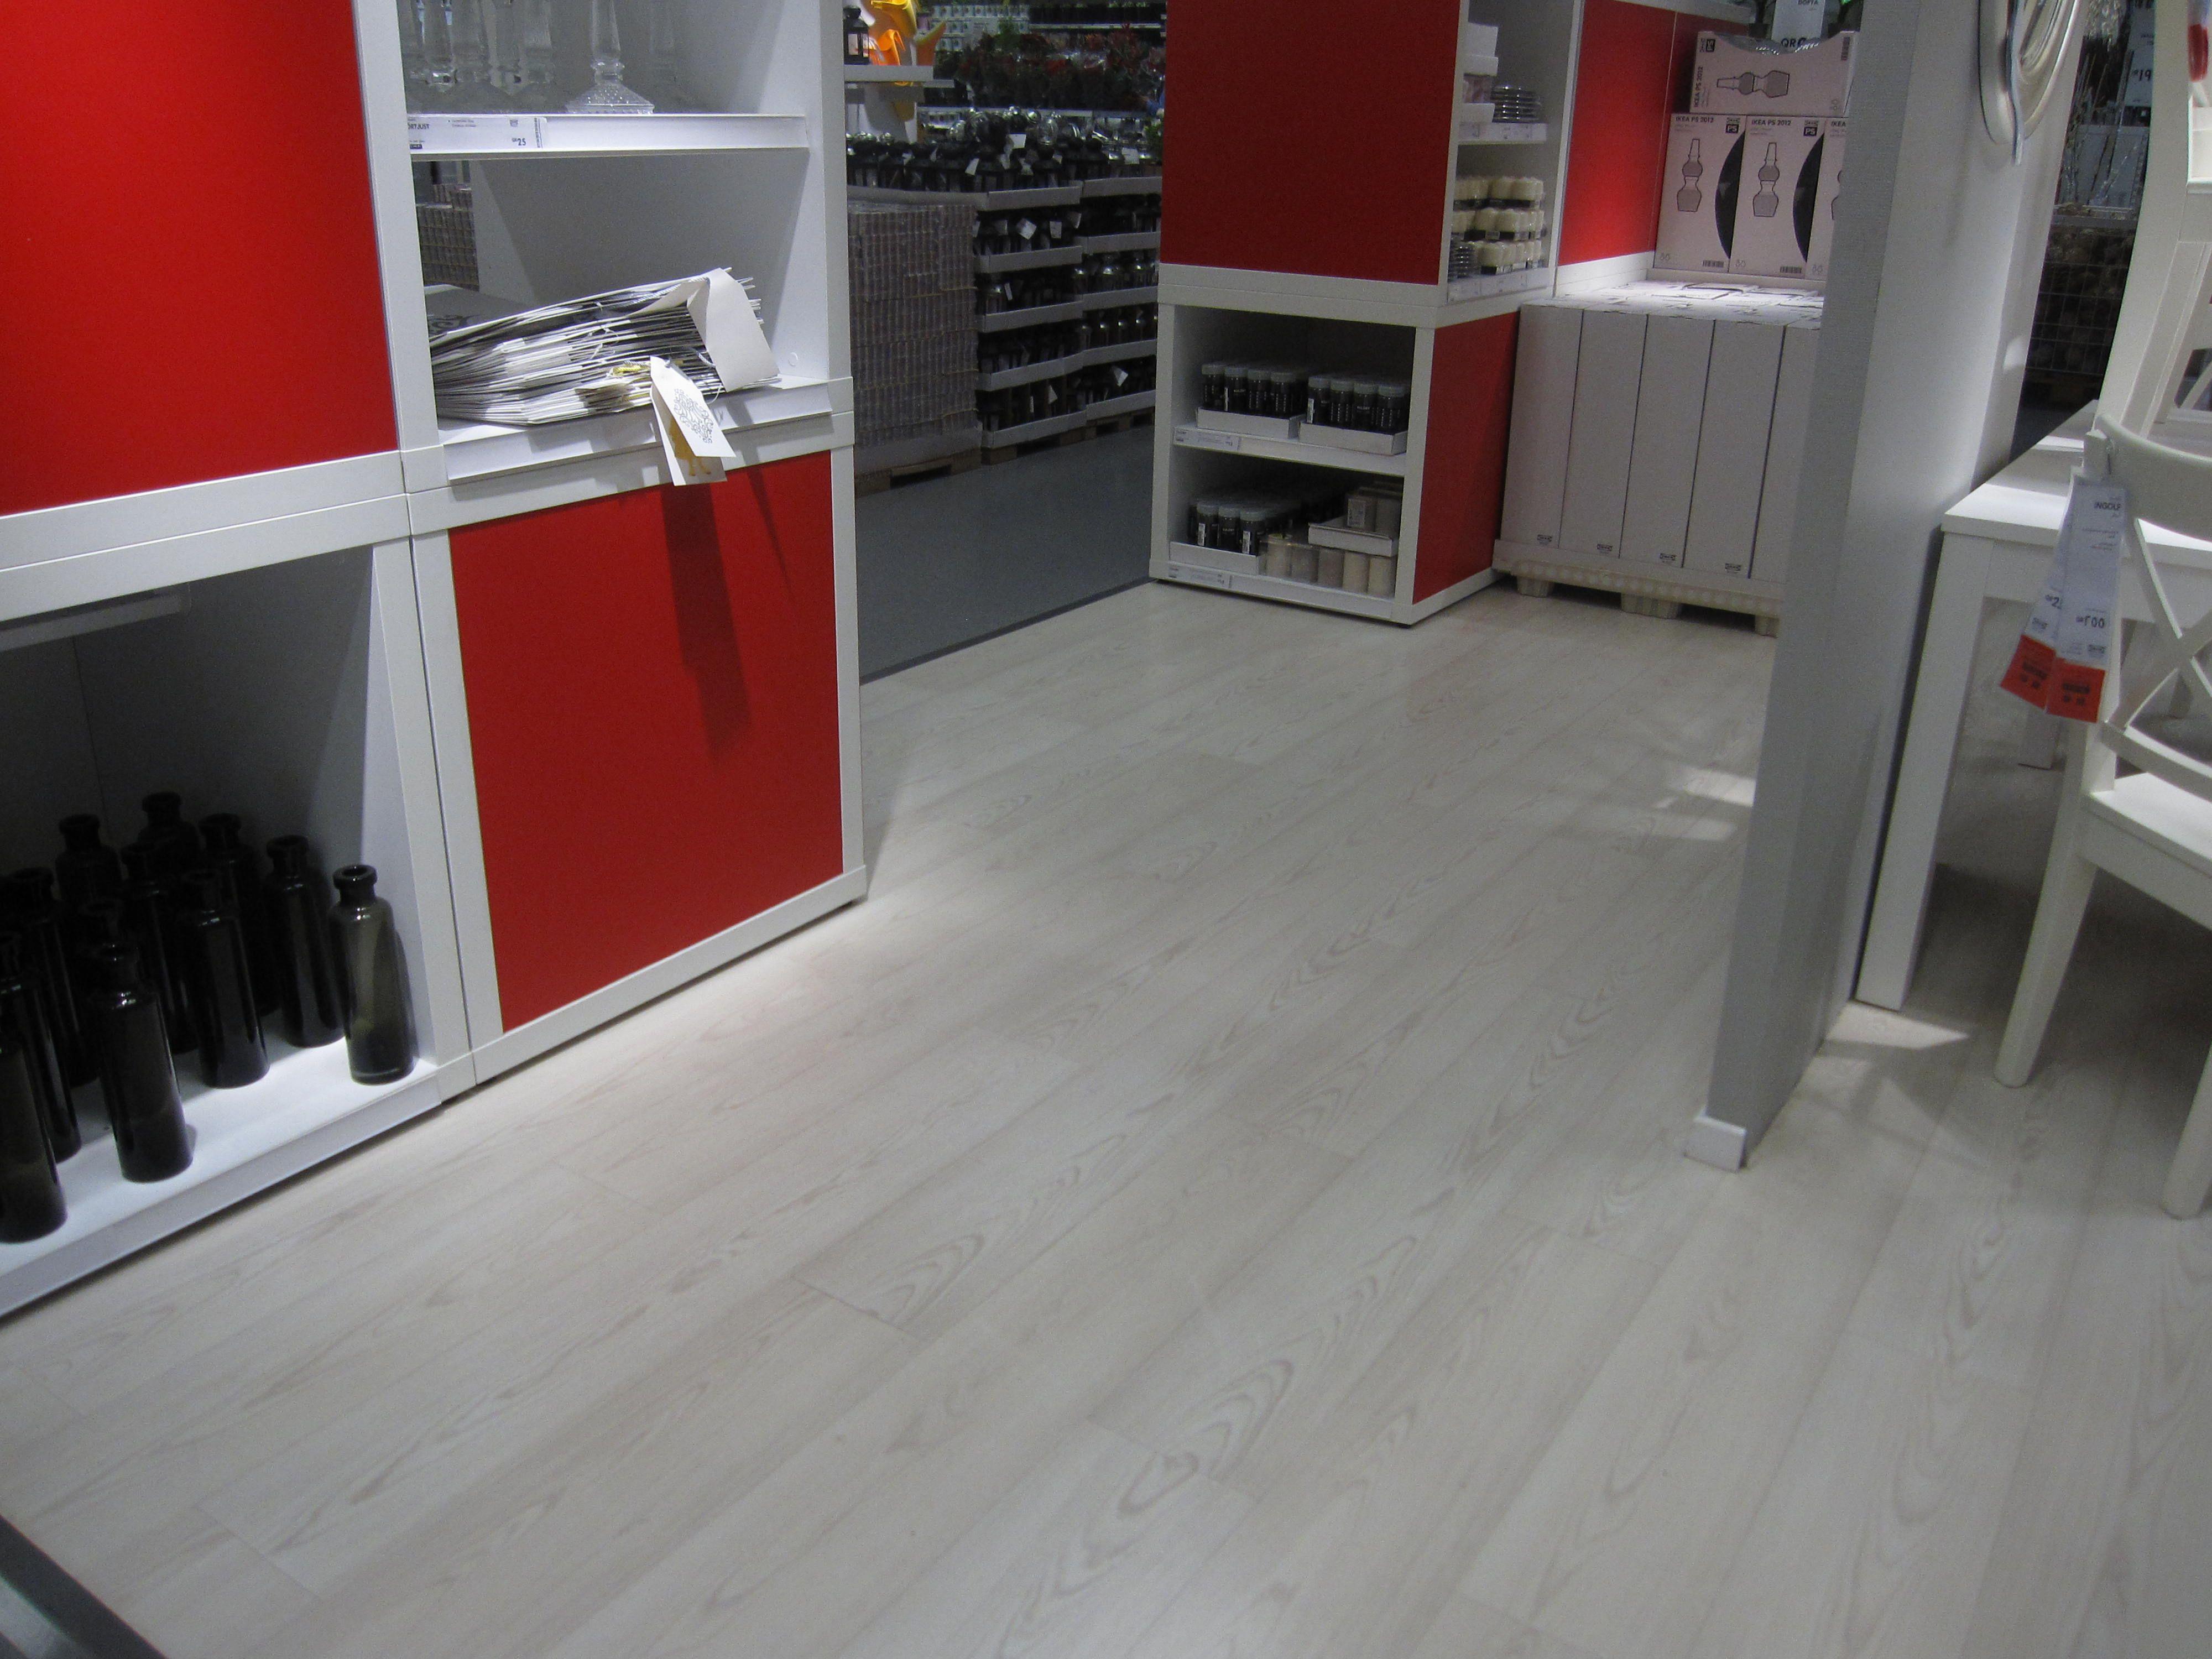 Ikea Floor Ikea Pinterest Ikea Flooring And